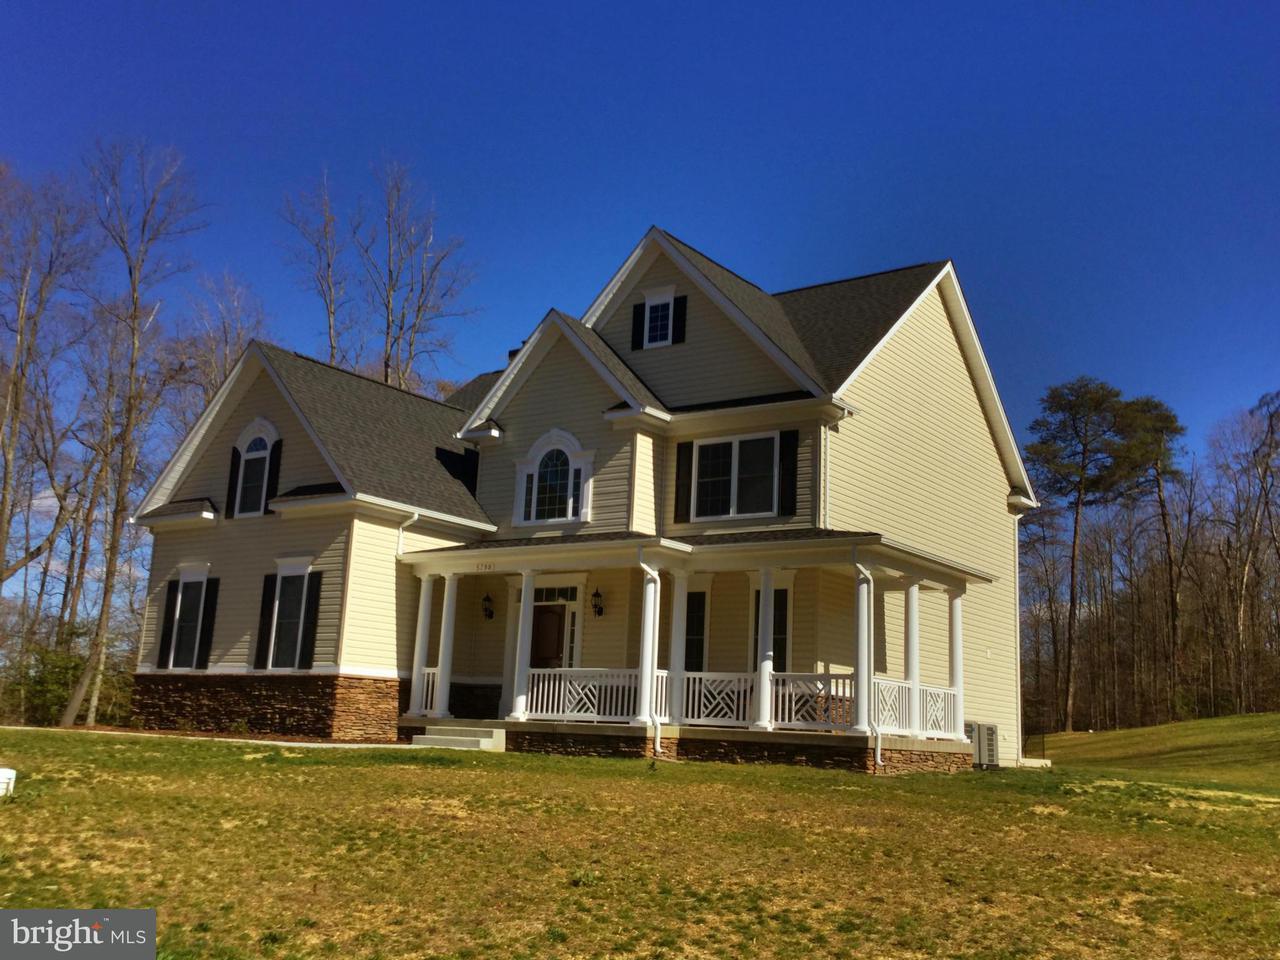 Частный односемейный дом для того Продажа на 15809 CHALICE VINE Court 15809 CHALICE VINE Court Hughesville, Мэриленд 20637 Соединенные Штаты